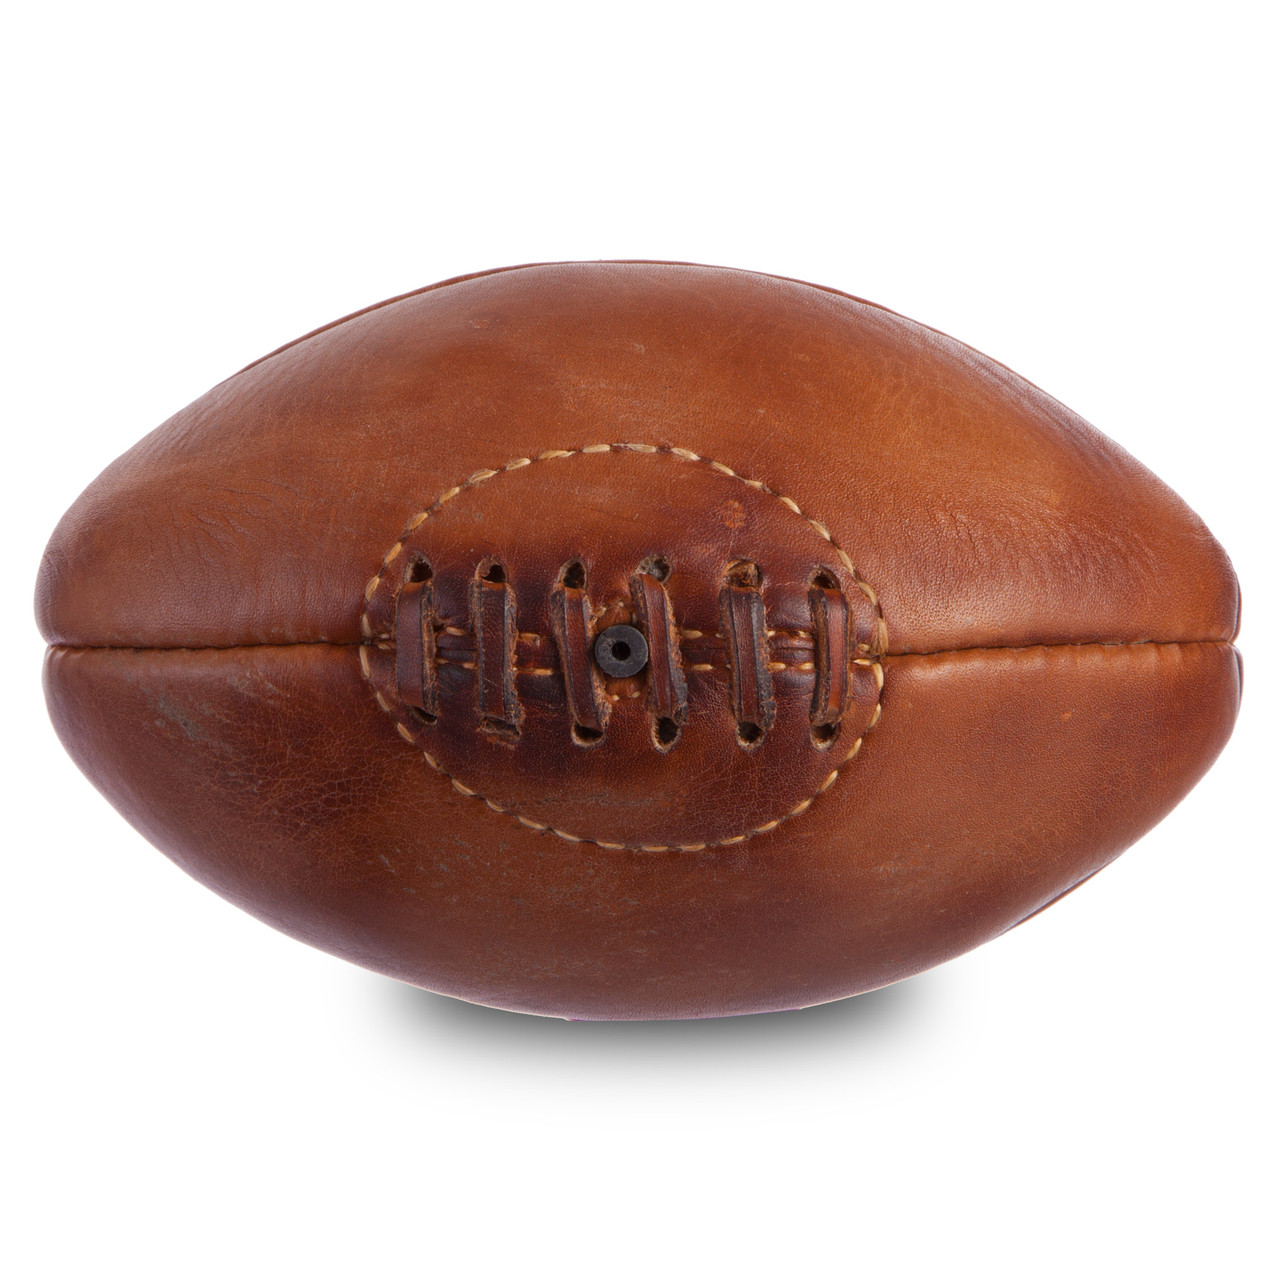 Мяч для регби сувенирный кожаный VINTAGE Mini Rugby ball (кожа, 4 панели)